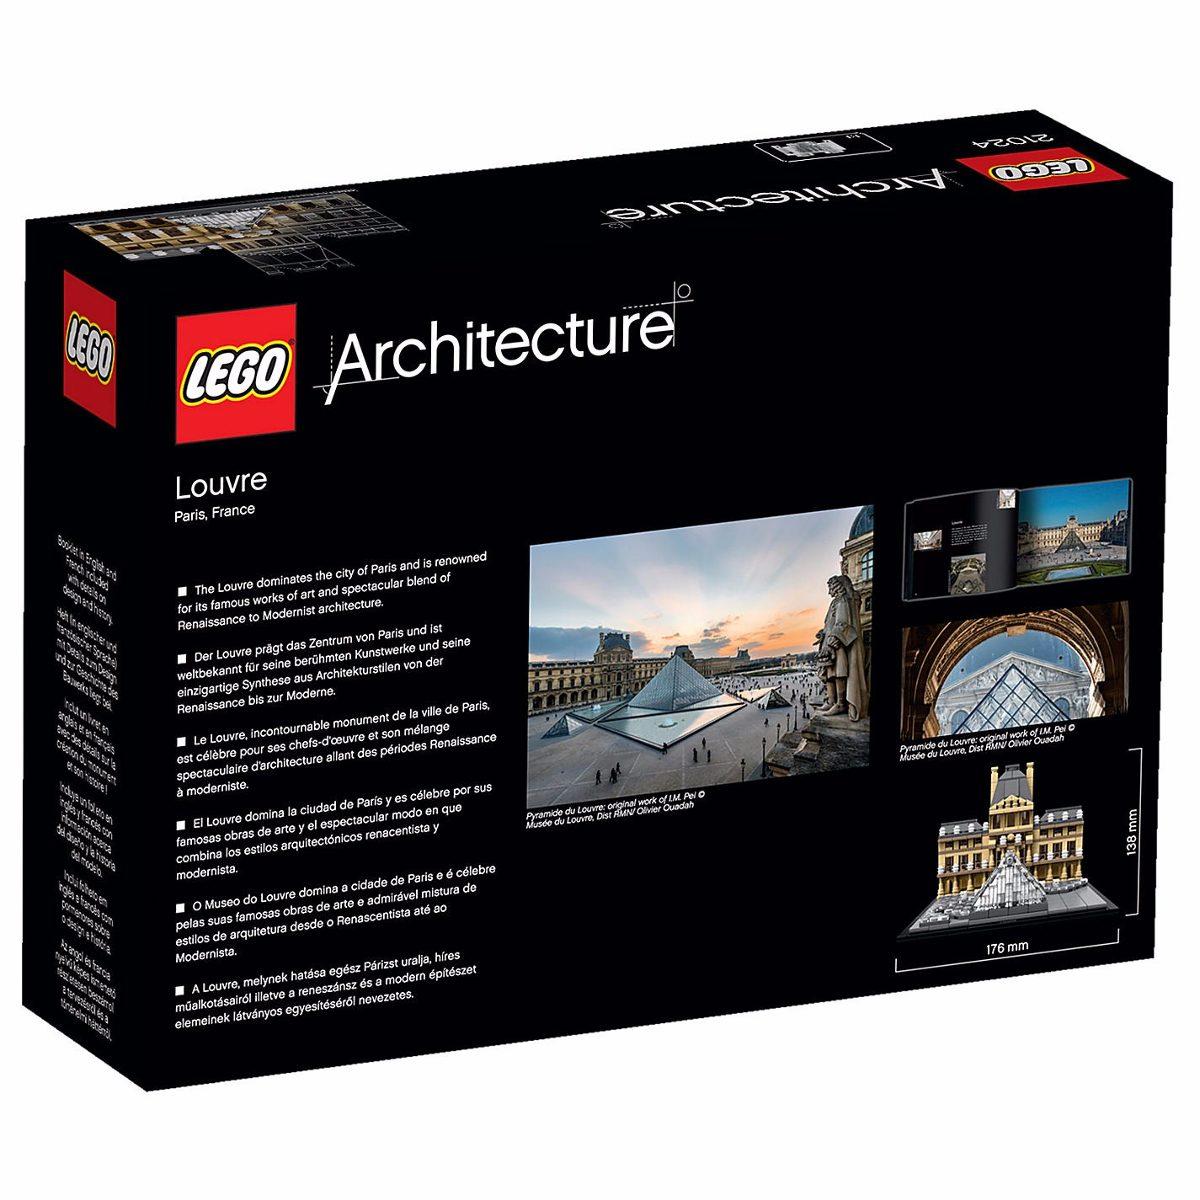 Lego architecture 21024 louvre disponibilidad inmediata for Architecture 00